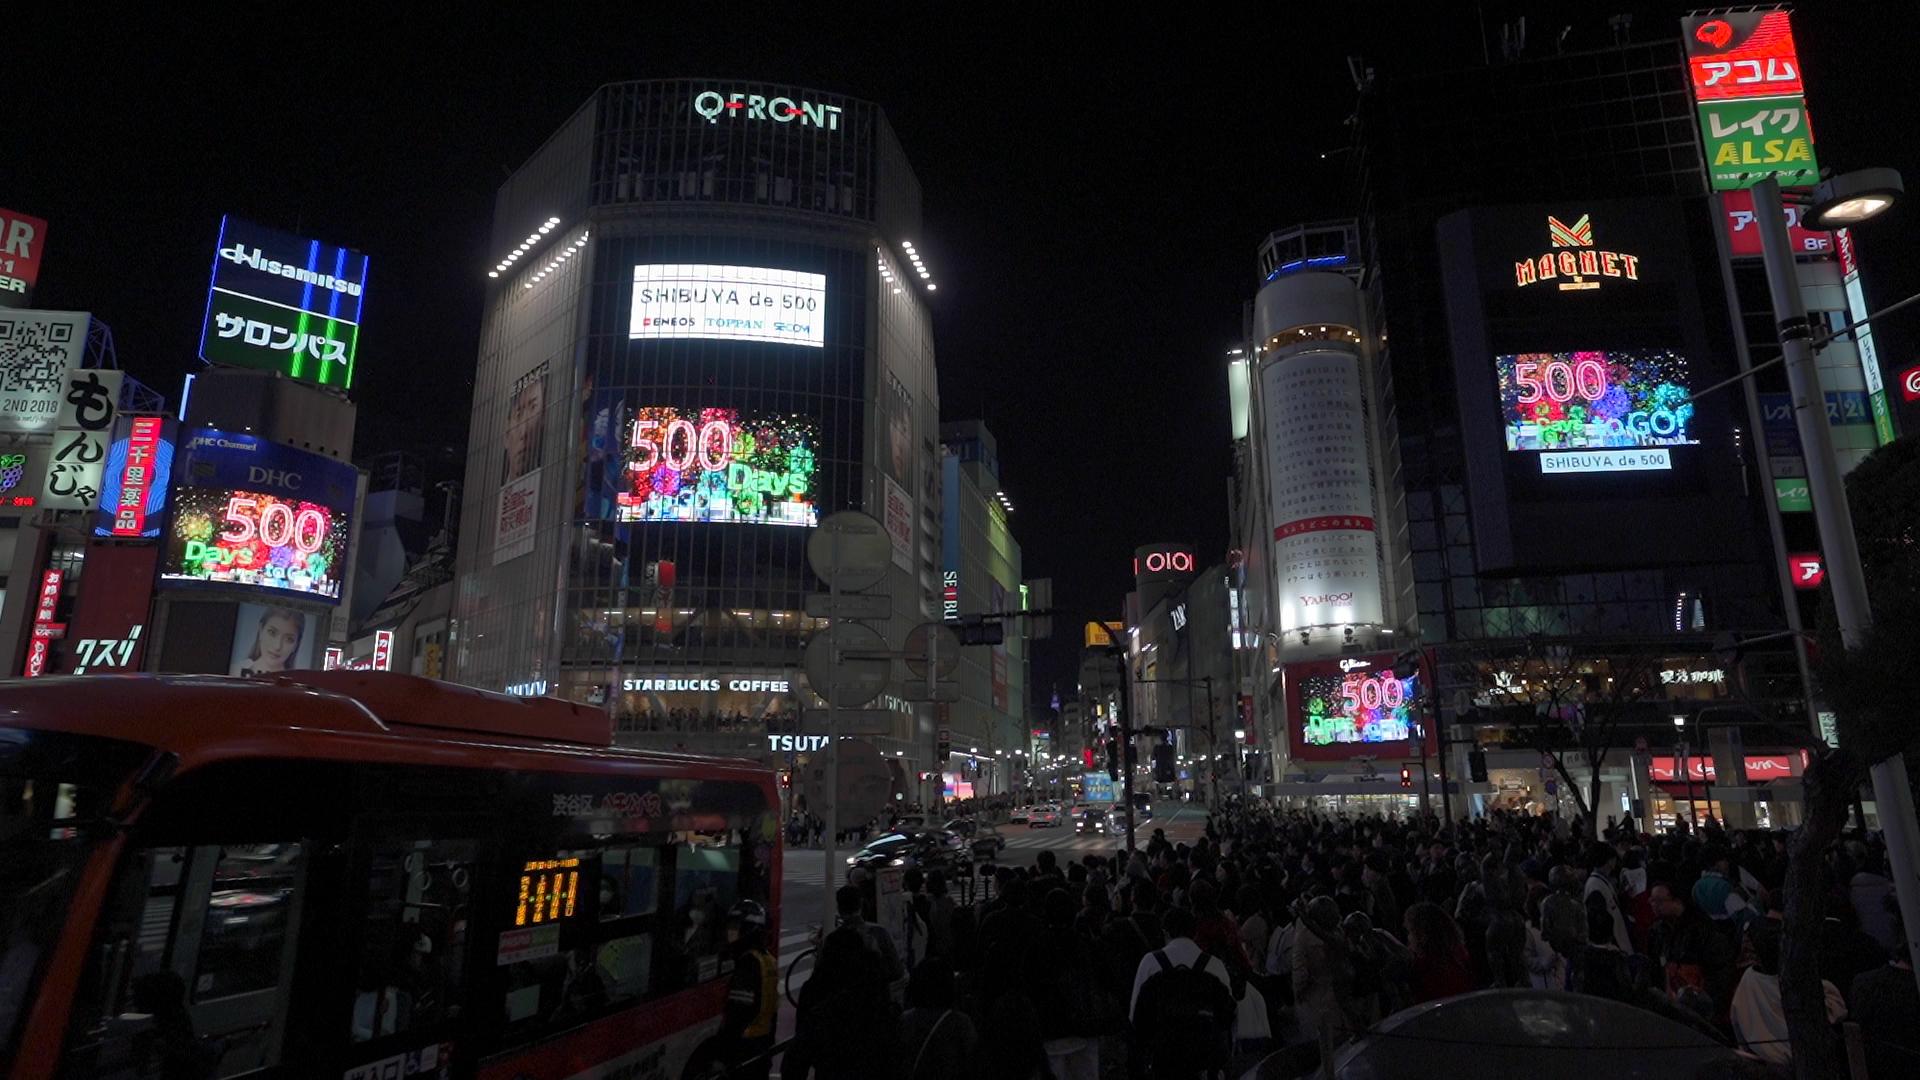 渋谷大型ビジョン「SHIBUYA de 500」の映像コンテンツの演出・制作